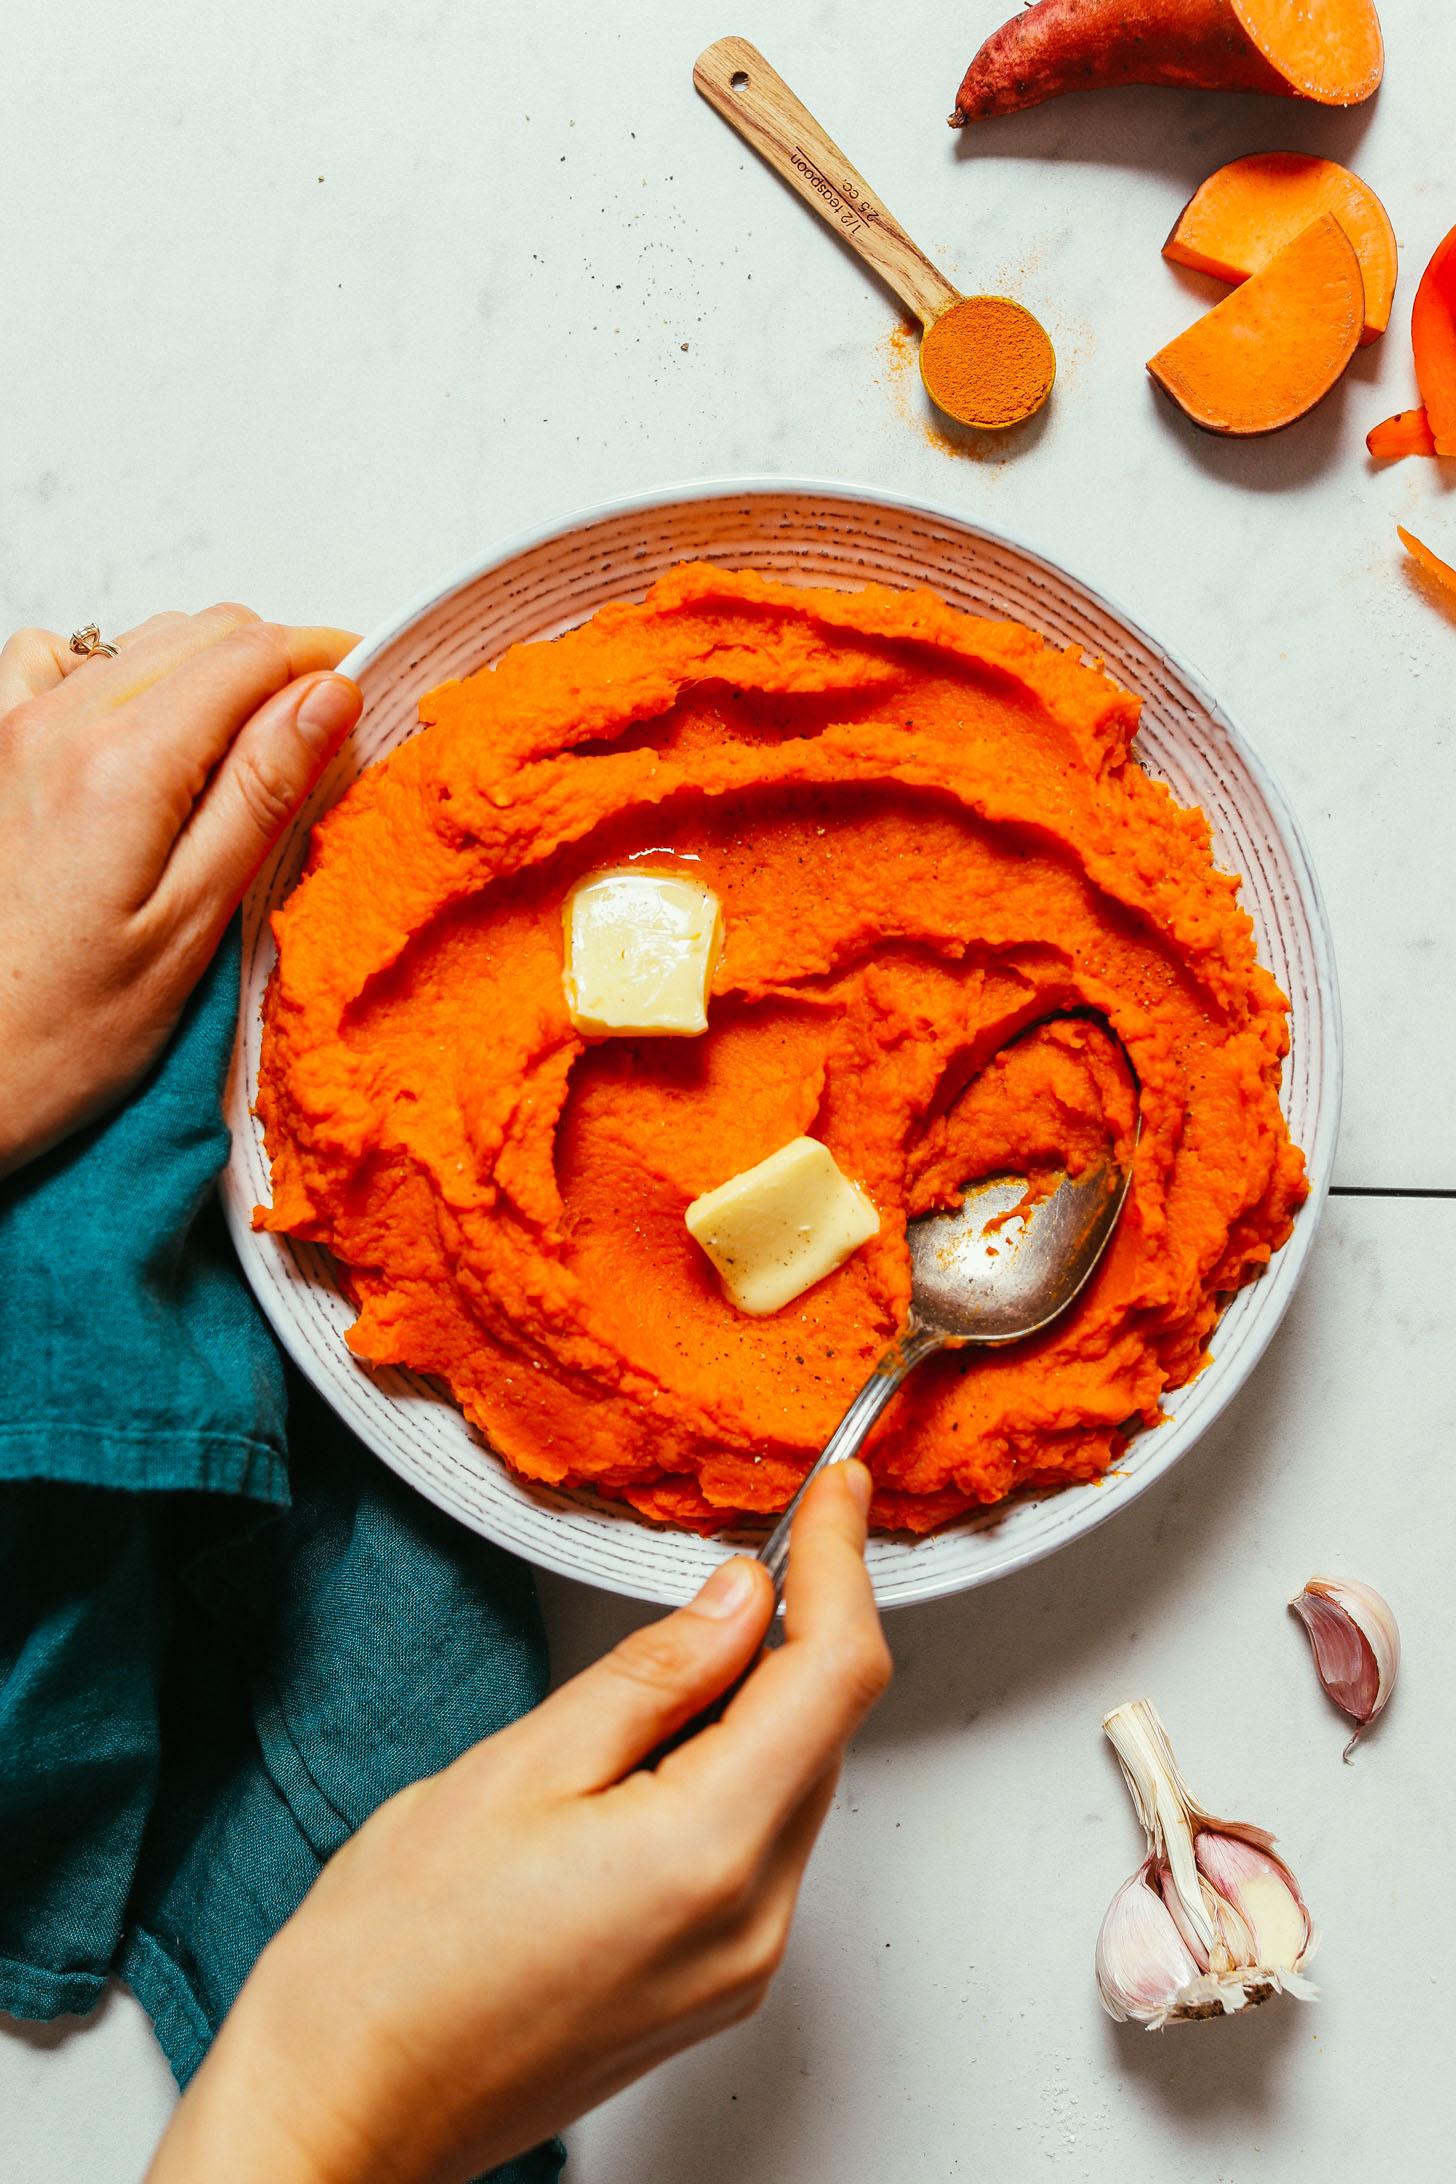 Tazón de puré de batatas saladas y zanahorias hechas con ajo y cúrcuma